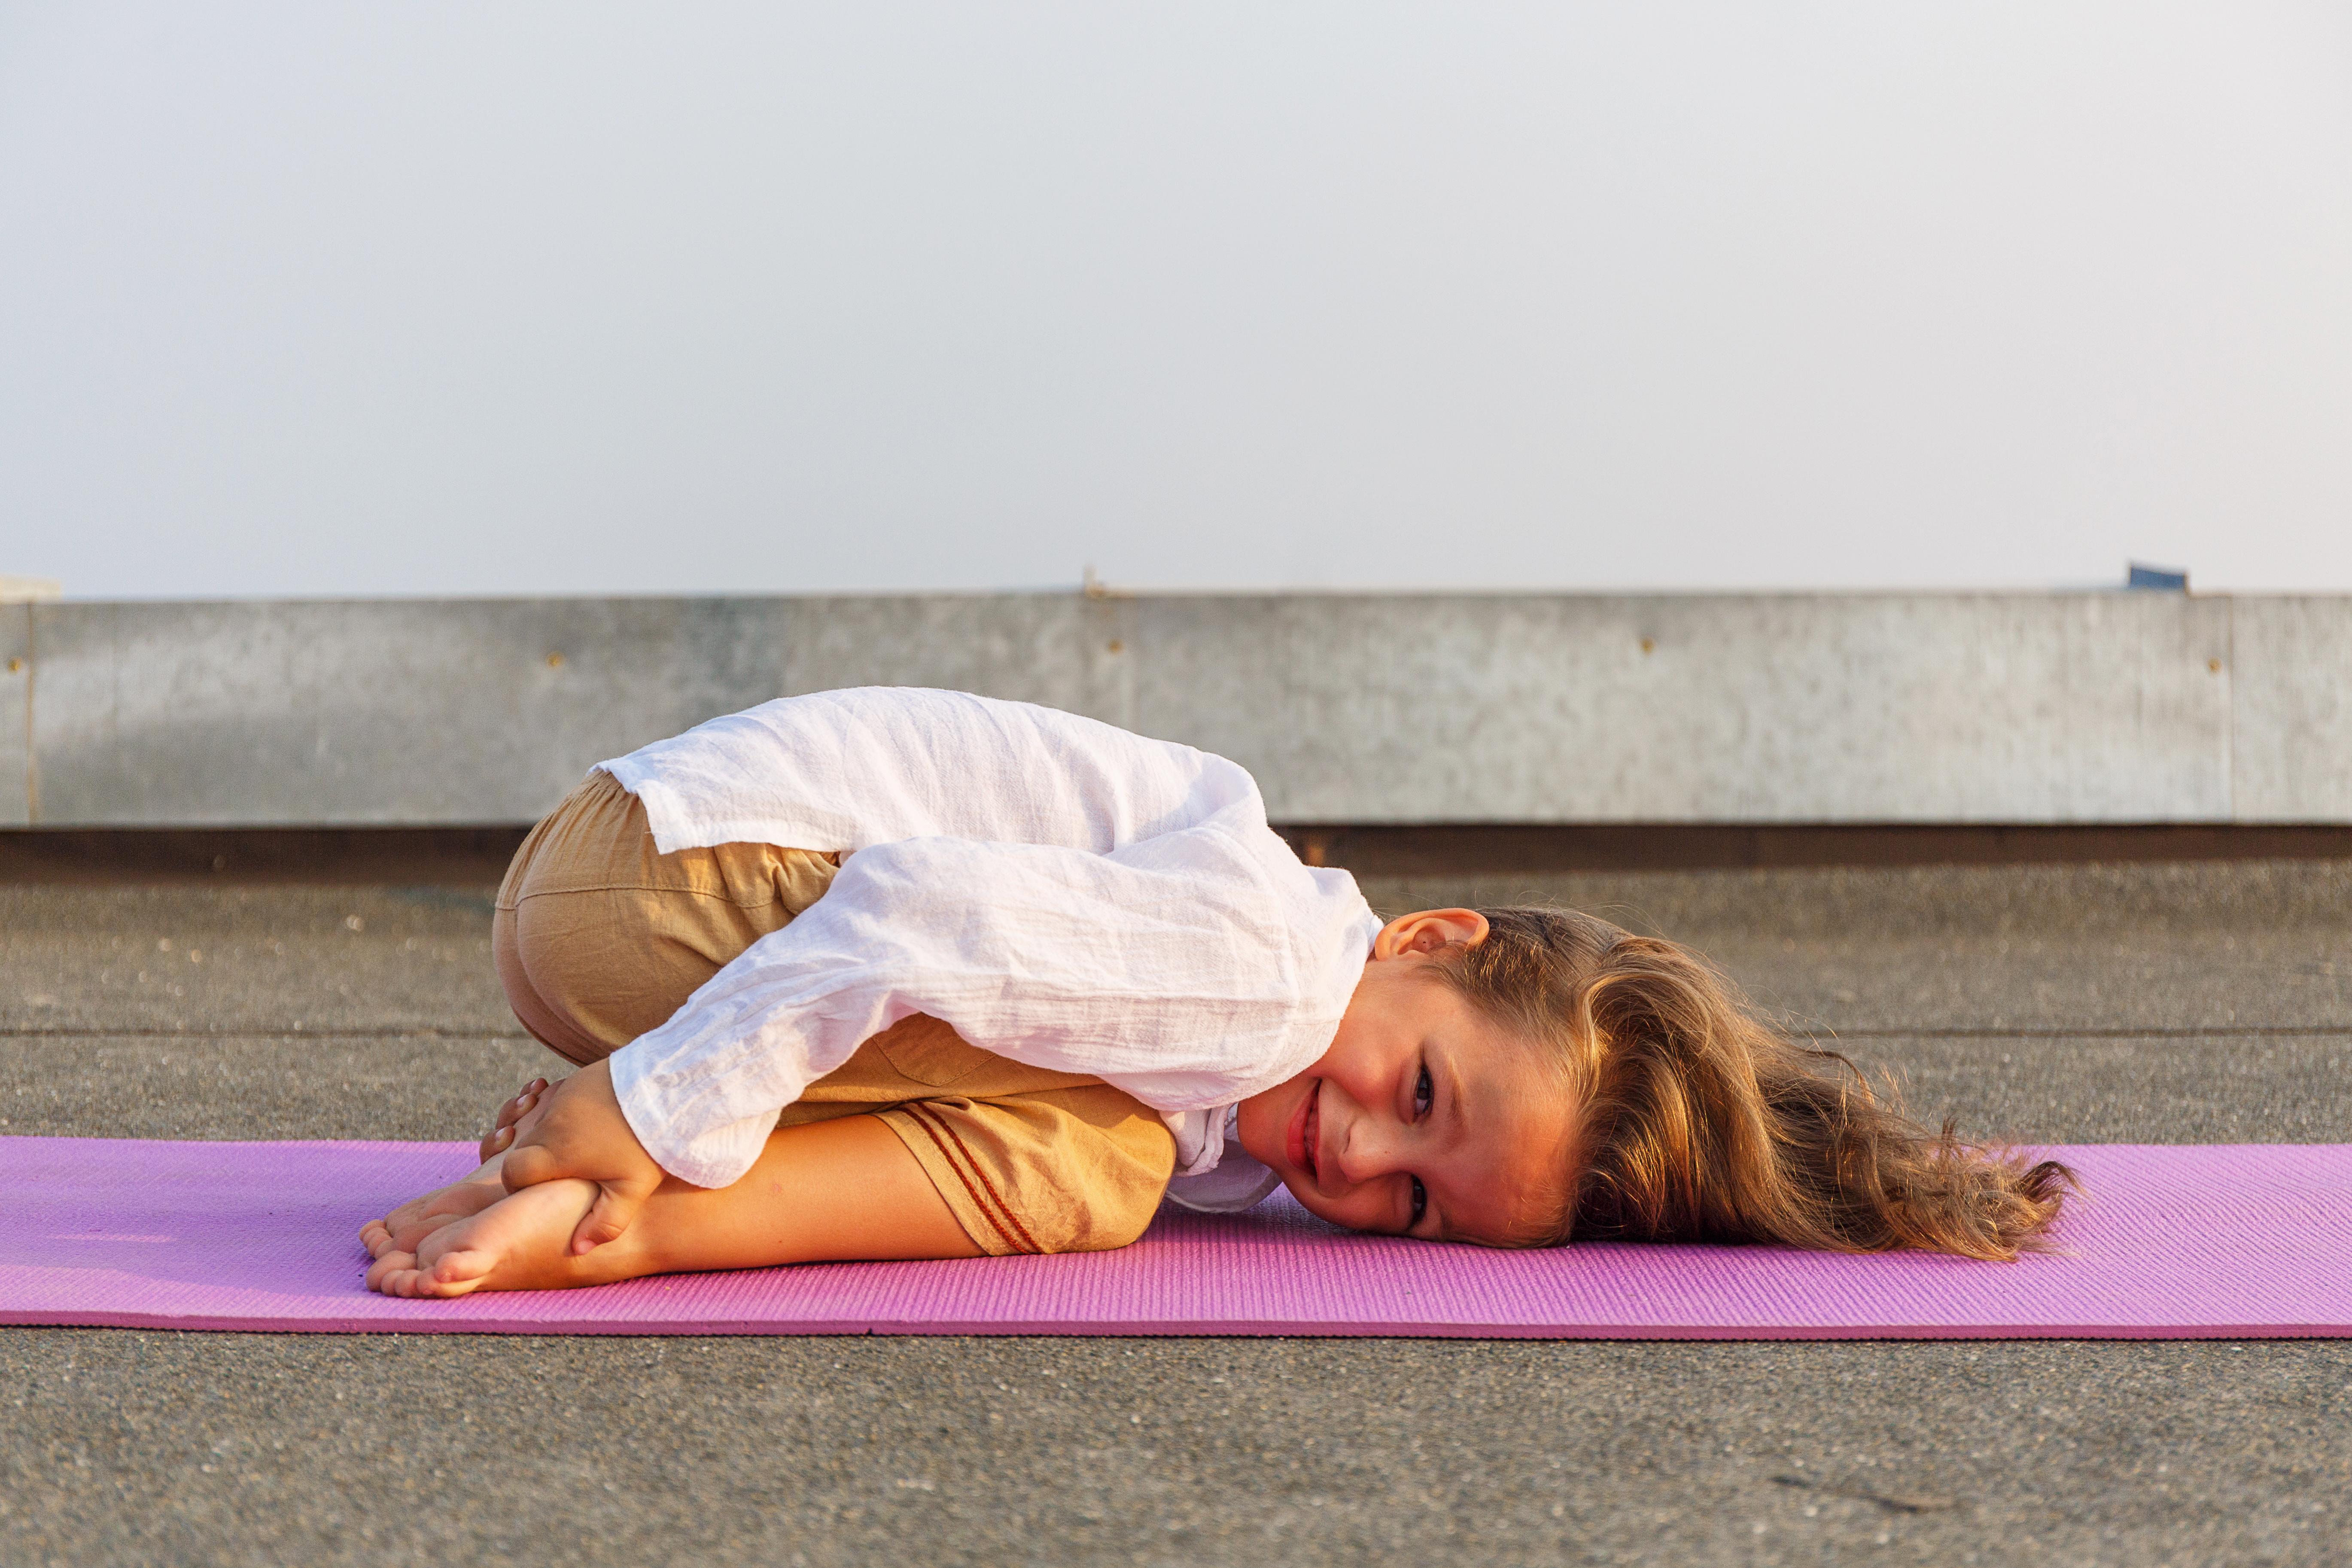 Kinderyoga – ein weiterer Trend auf dem übersättigten Wellnessmarkt?